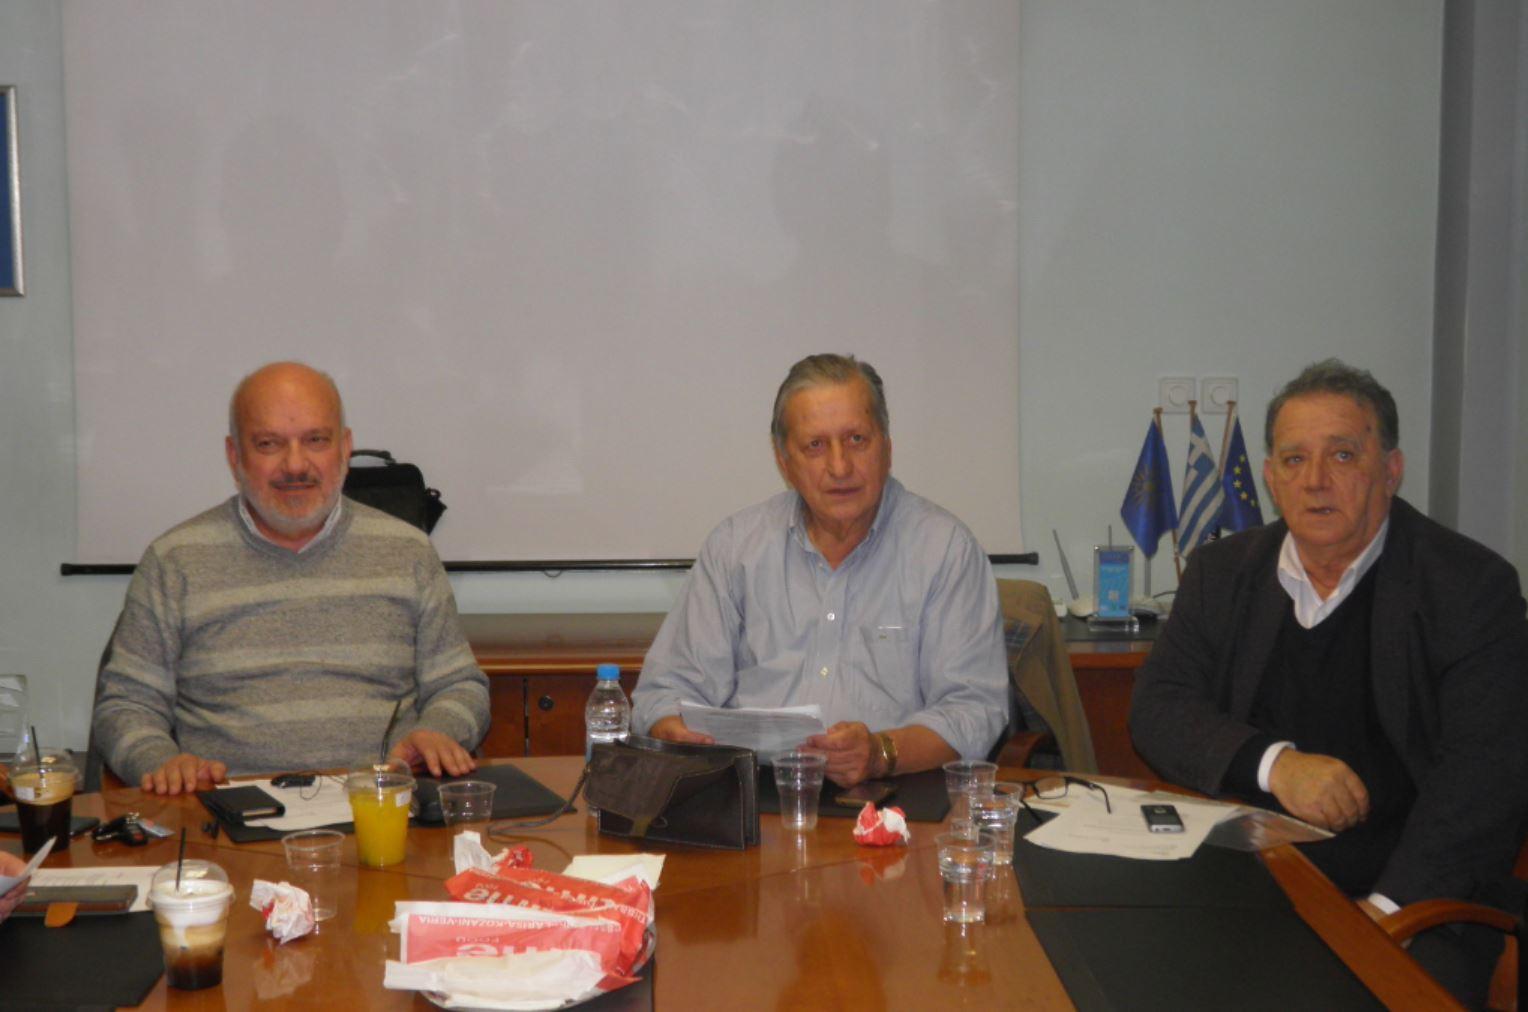 kozan.gr: Ο Δήμαρχος Καστοριάς κ. Α. Αγγελής για τις οφειλές των ΔΕΥΑ των Δήμων προς τη ΔΕΗ. «Το νερό είναι το πολυτιμότερο αγαθό που υπάρχει. Κατά συνέπεια πρέπει να το προσεγγίσουμε με την ανάλογη ευαισθησία» (Βίντεο)